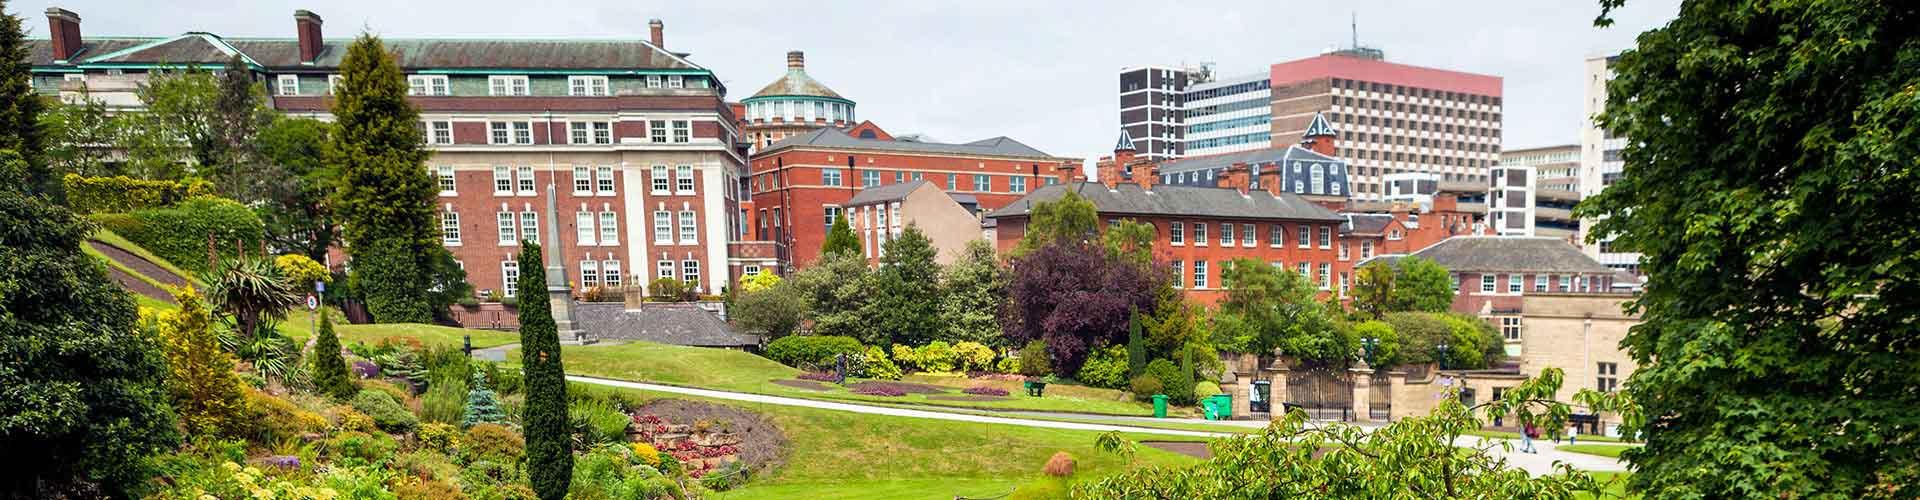 Nottingham - Hôtels à Nottingham. Cartes pour Nottingham, photos et commentaires pour chaque hôtel à Nottingham.